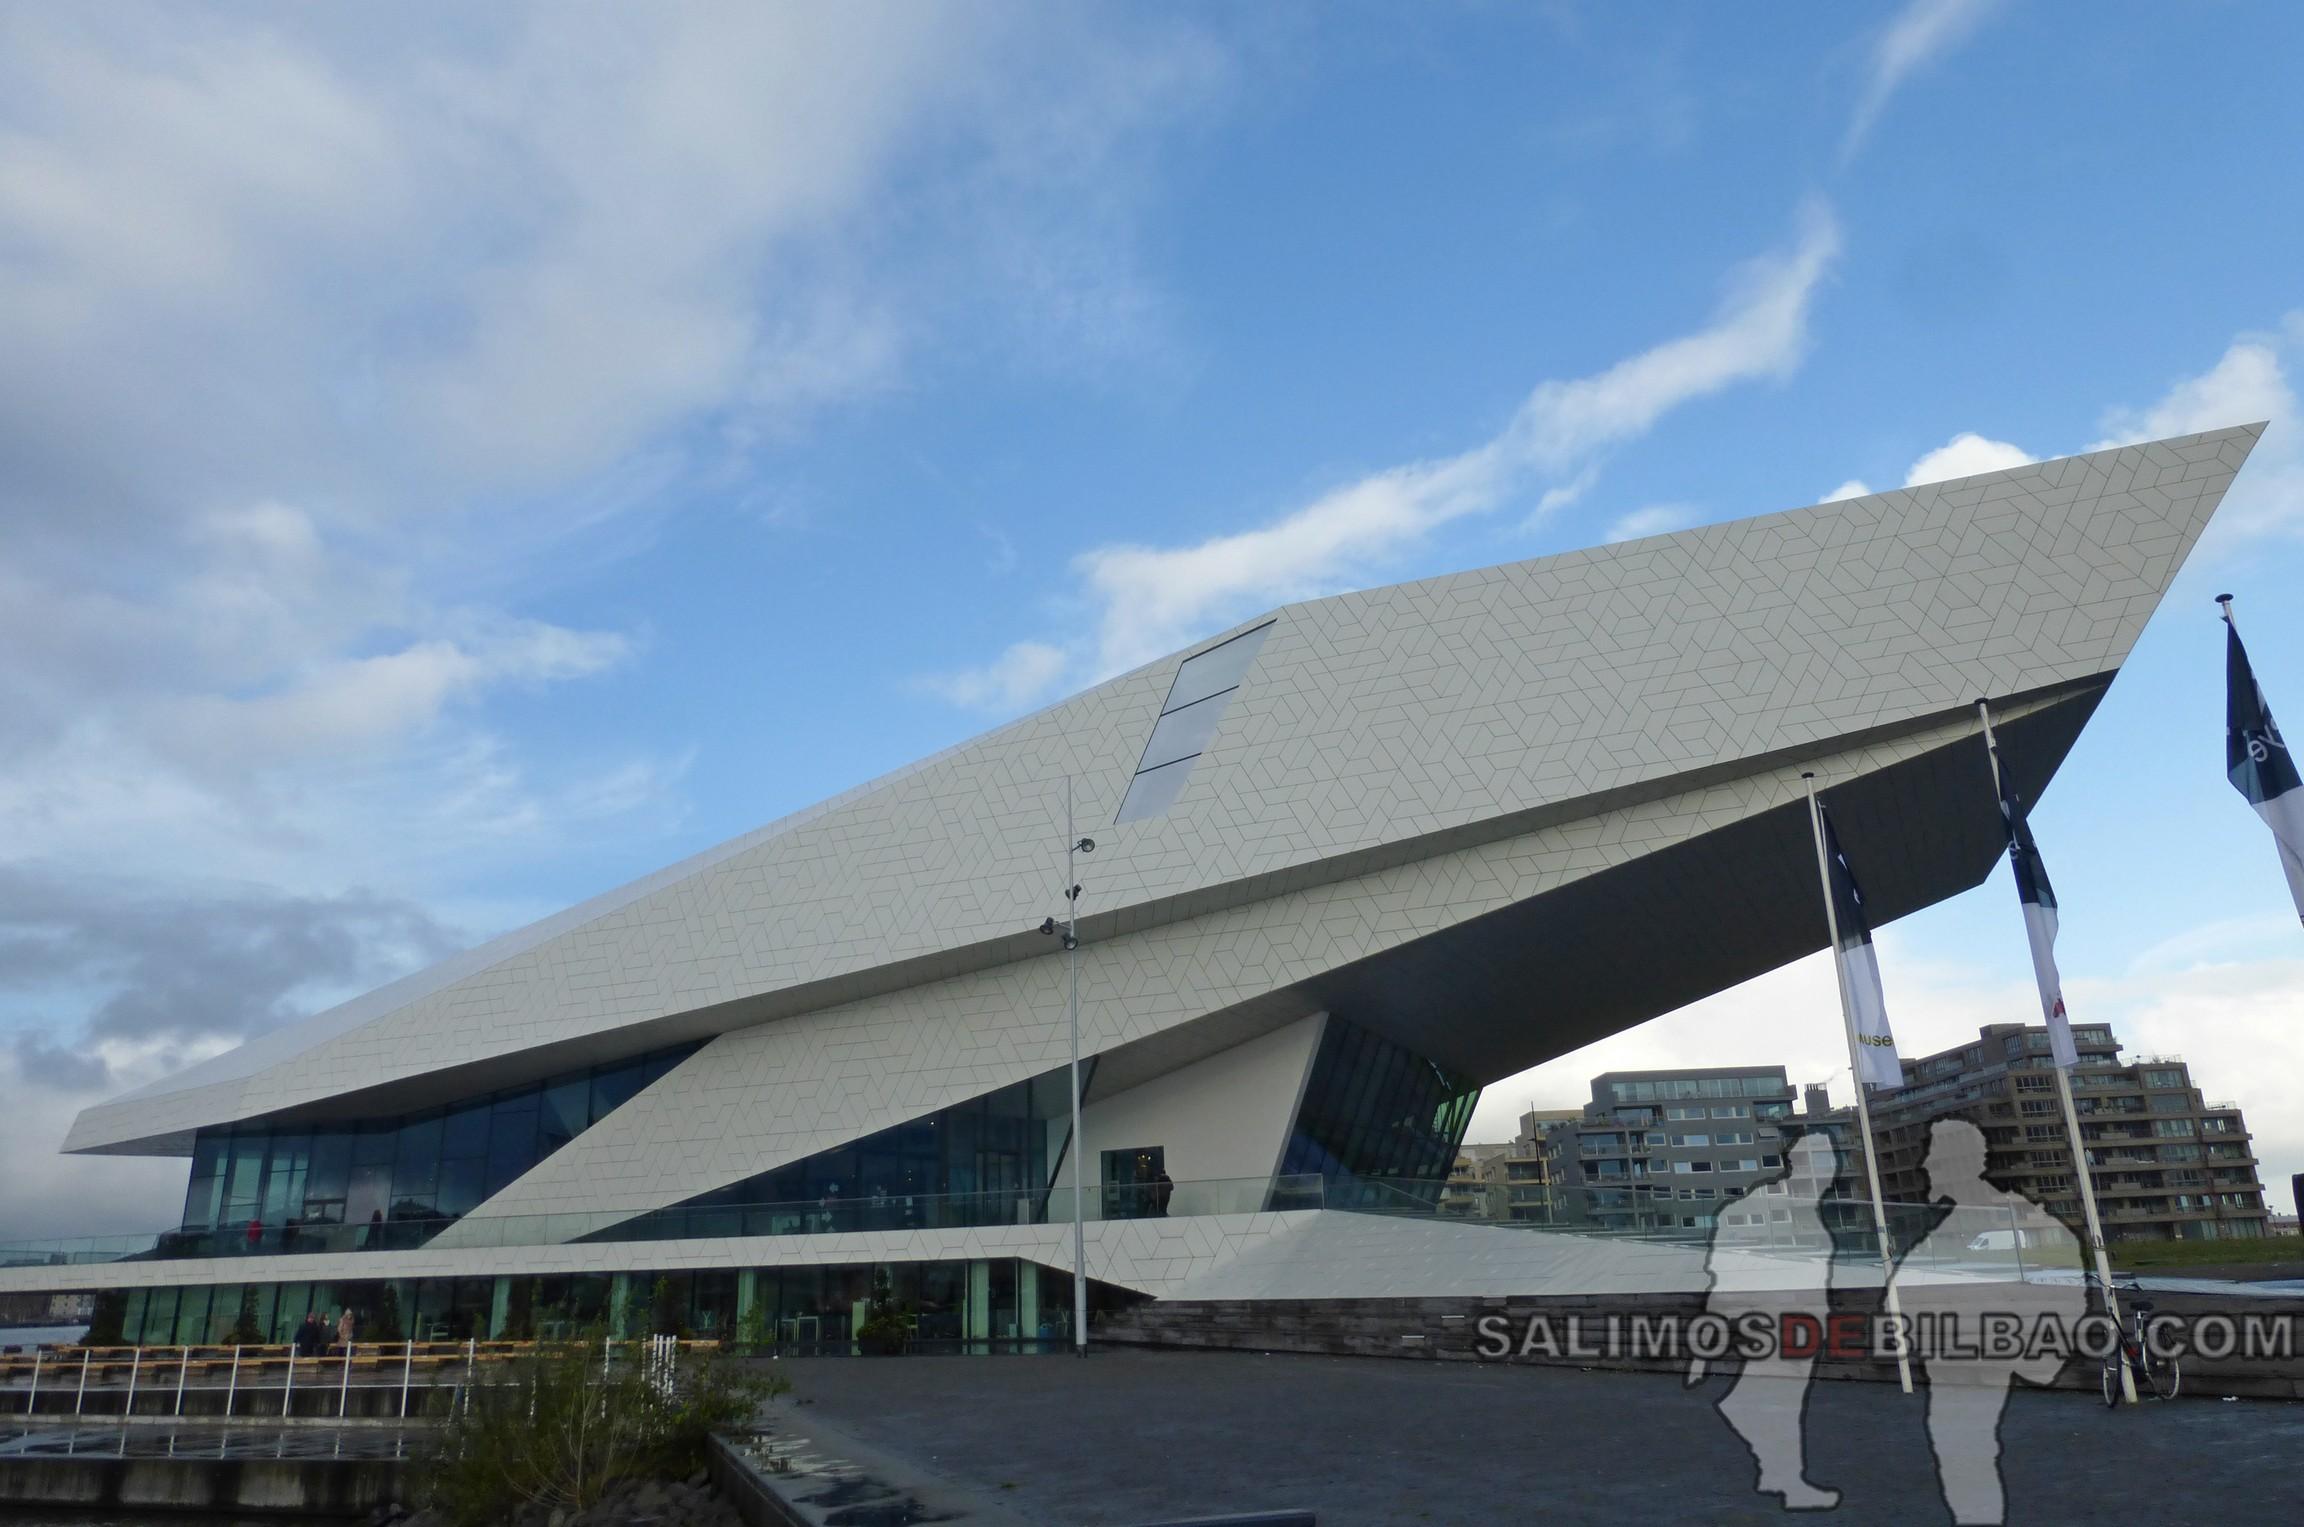 1419. Museo del Cine, Ámsterdam